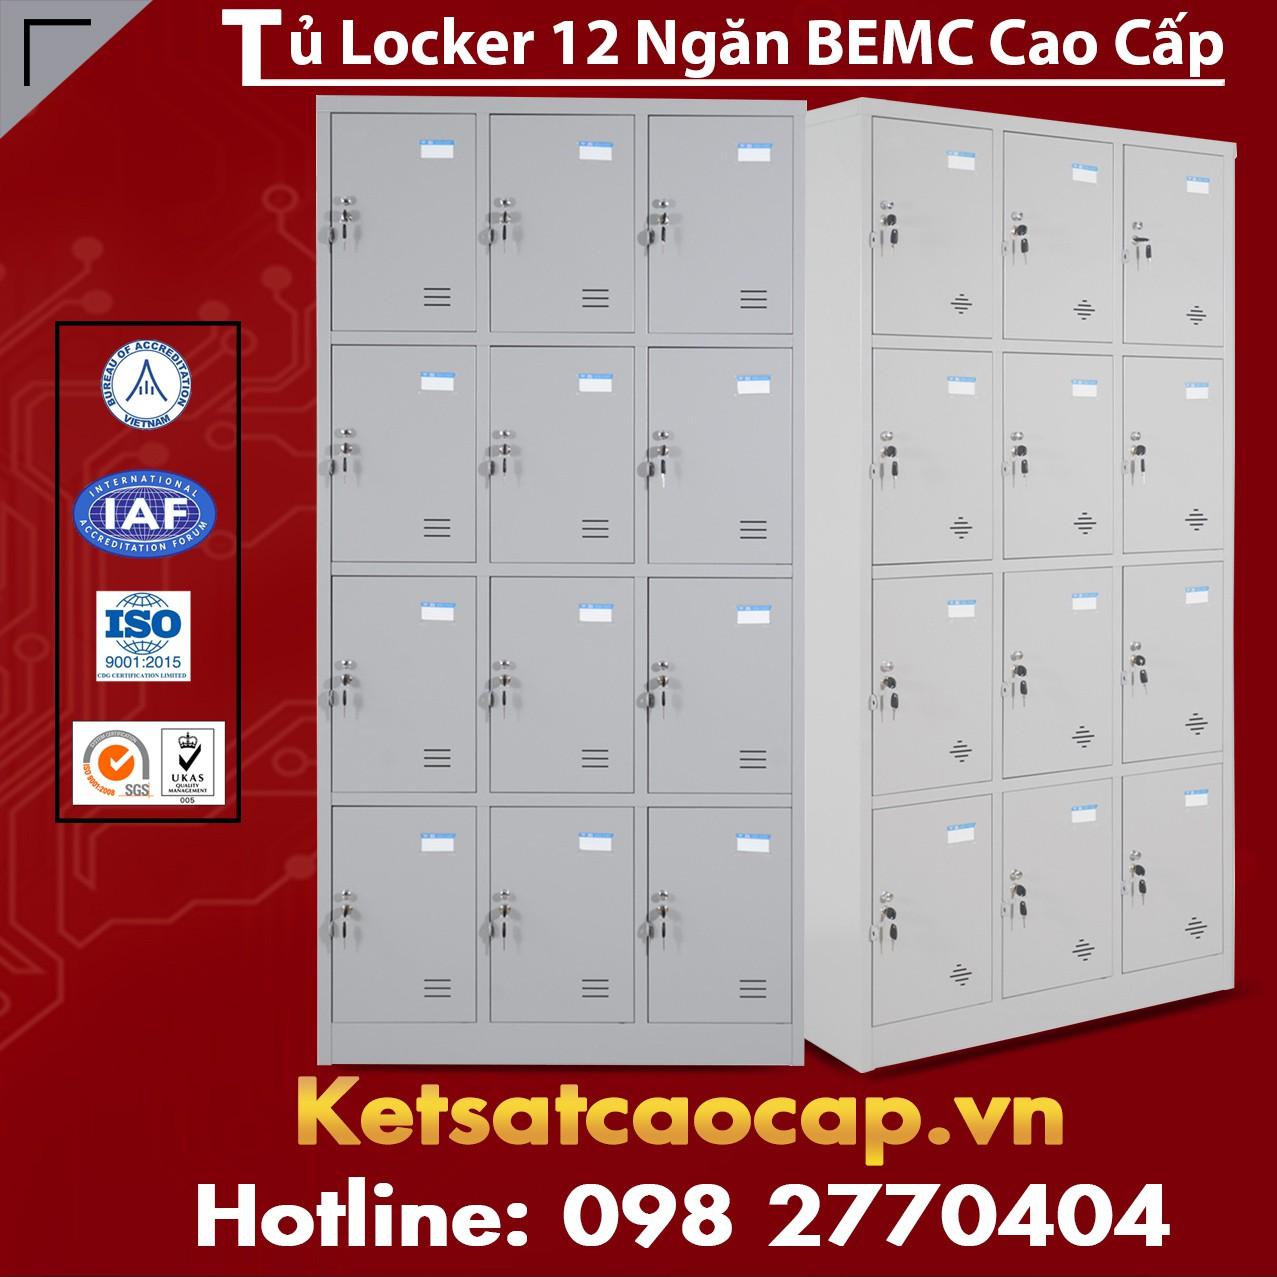 Tủ Locker BEMC 12 Ngăn